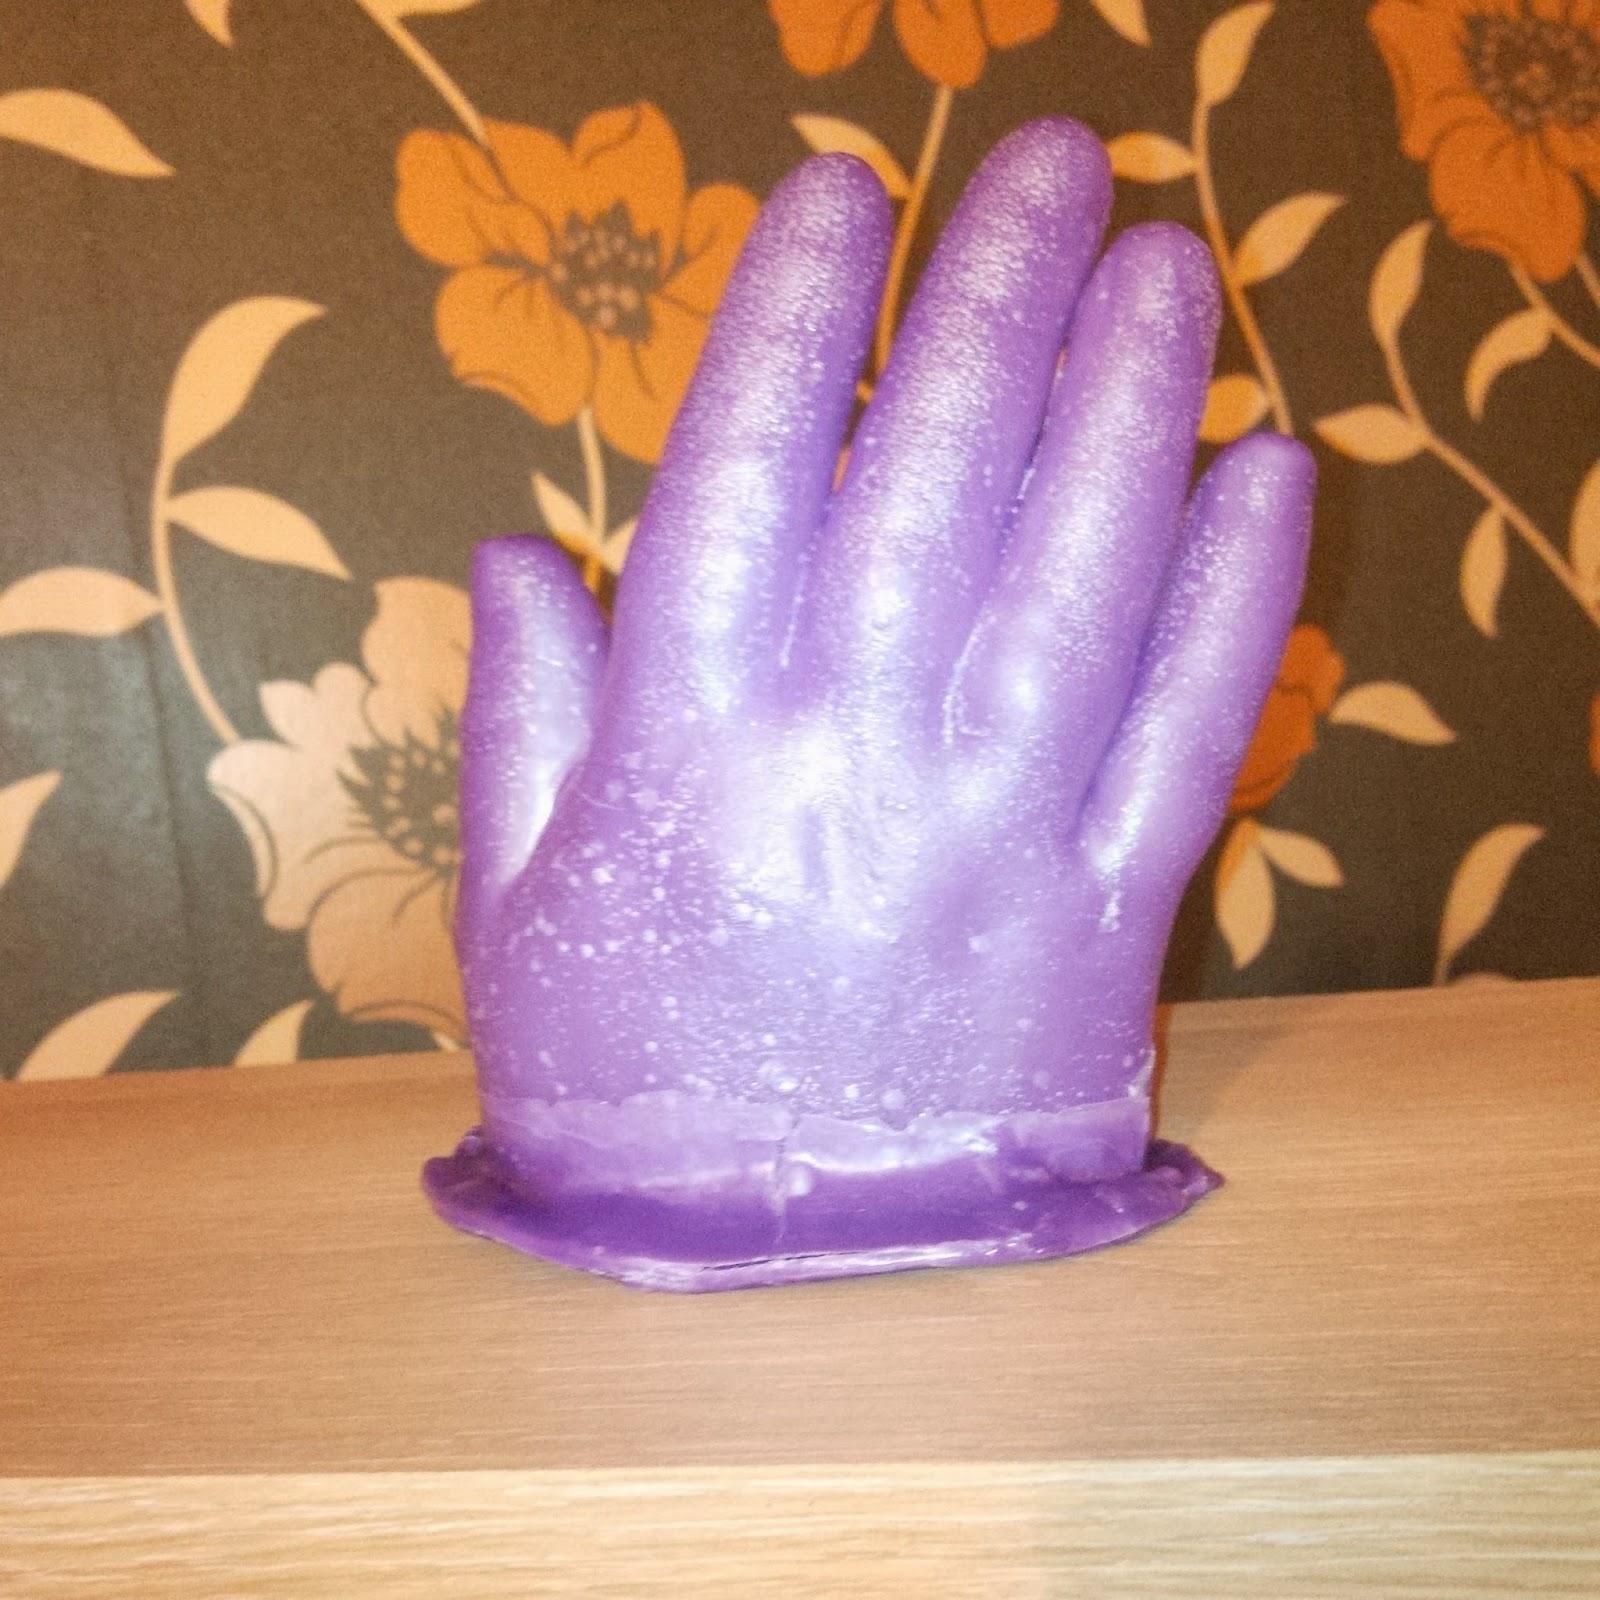 wax hand